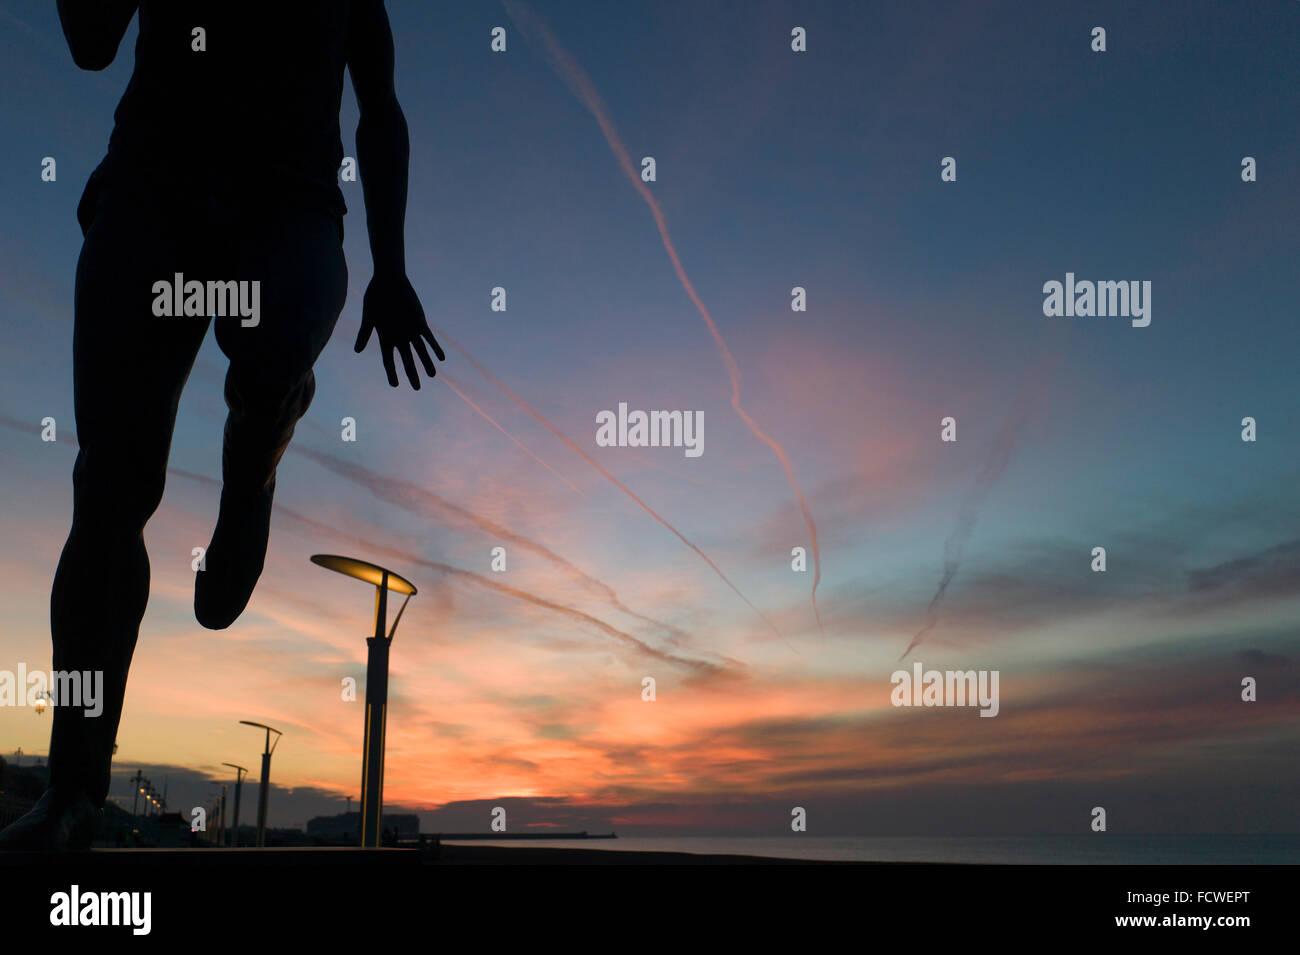 Silhouette della statua di Steve Ovett, runner, Brighton Seafront, allo spuntar del giorno, drammatica sunrise sky Immagini Stock